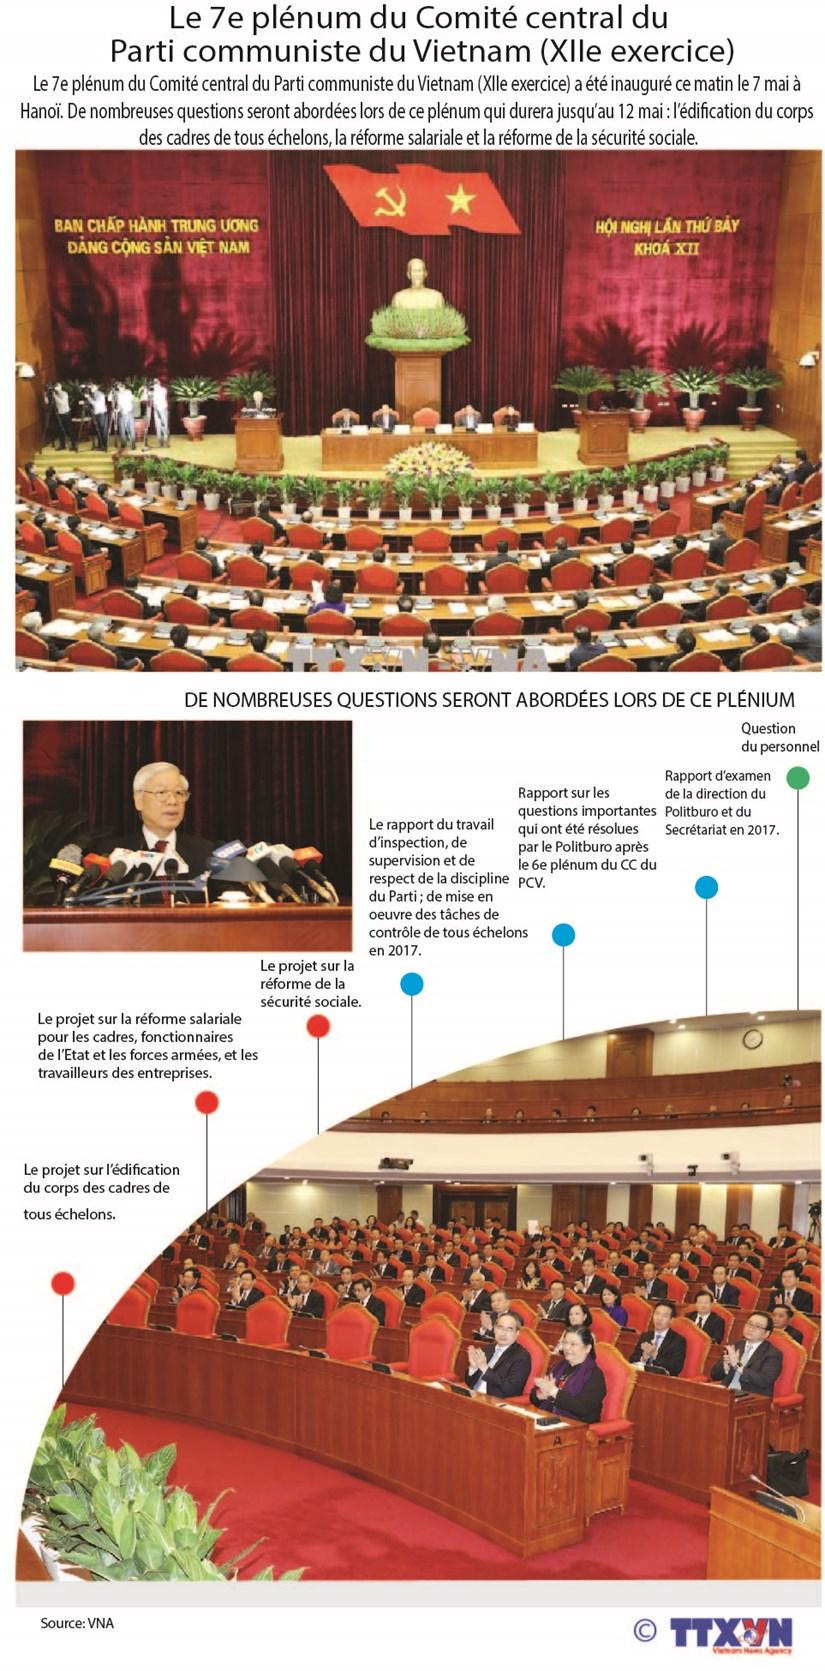 Le 7e plenum du Comite central du Parti communiste du Vietnam (XIIe exercice) hinh anh 1